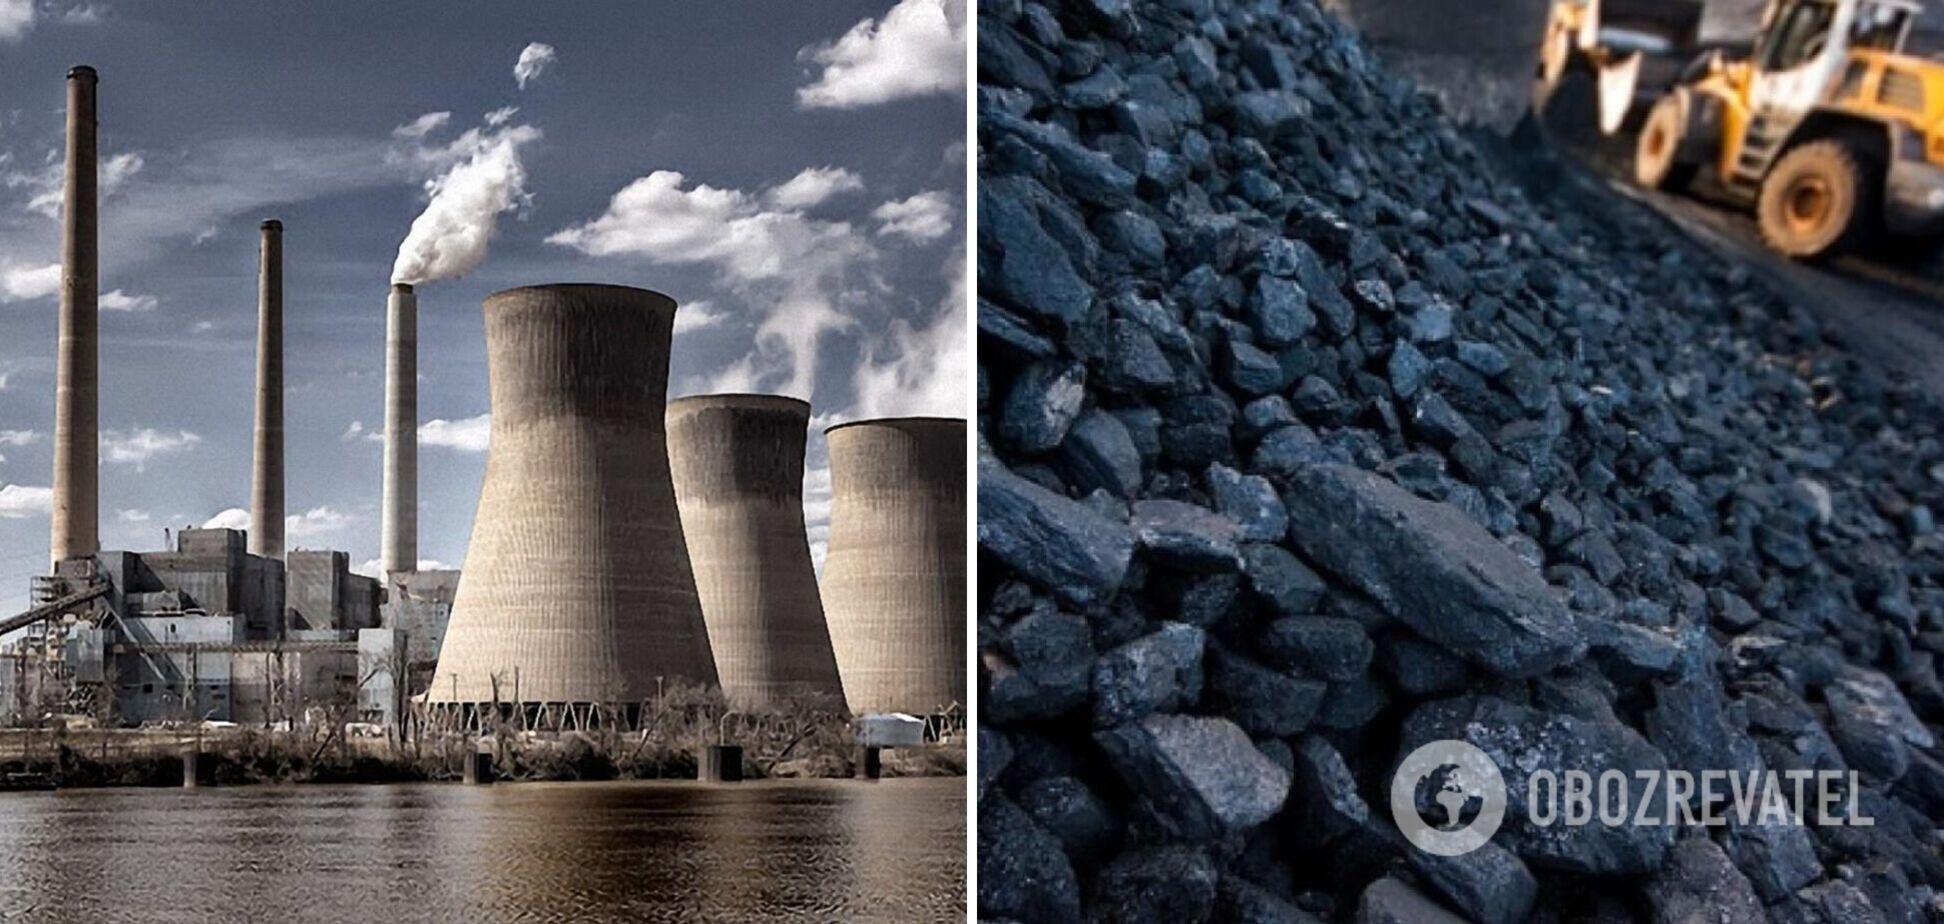 Стабильная регуляторная среда поможет беспроблемно пройти осенне-зимний период – 'ДТЭК Энерго'